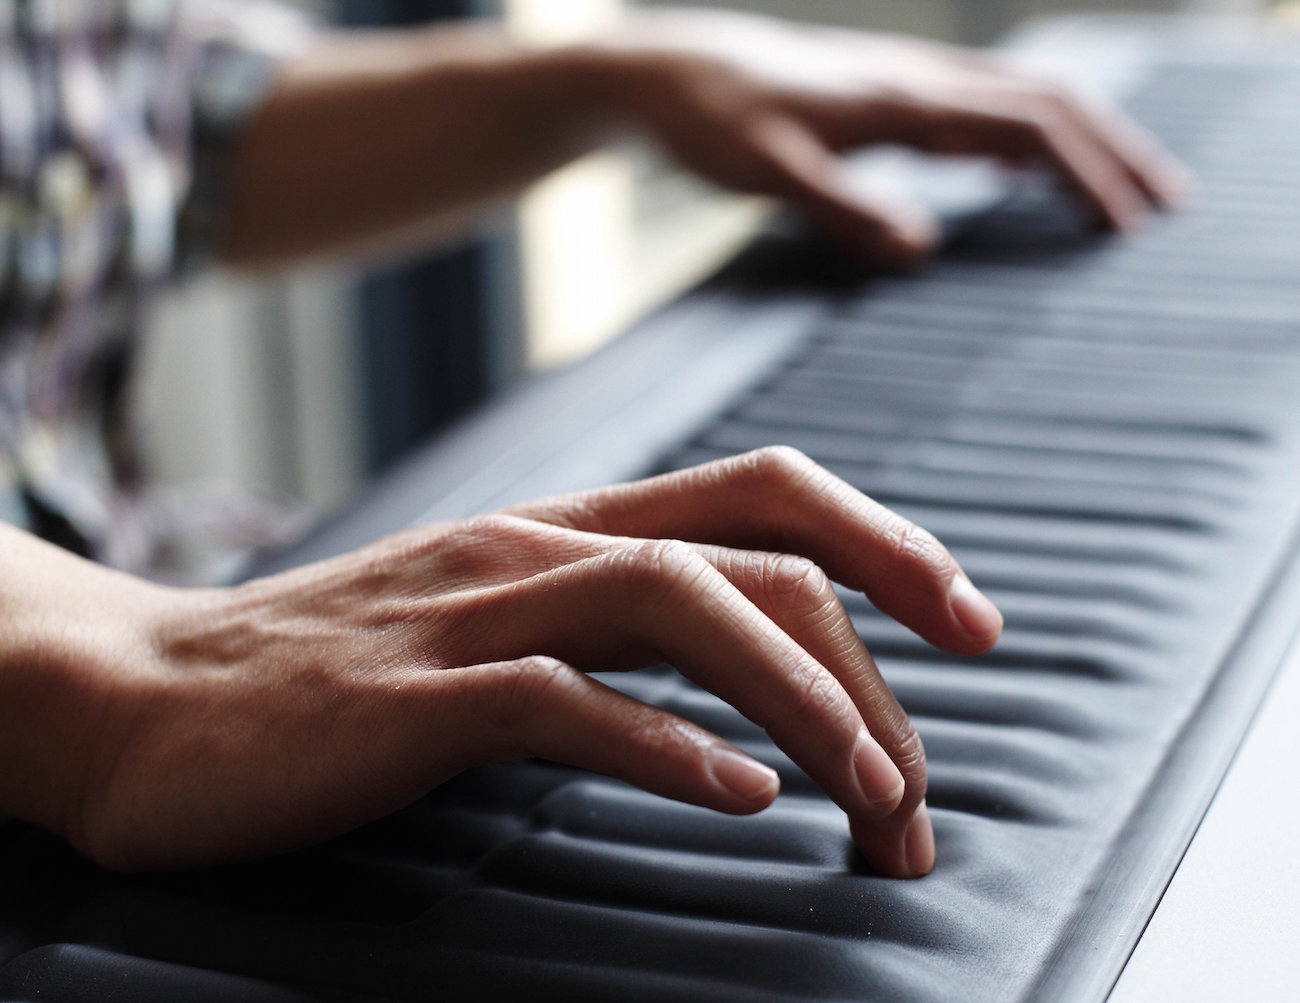 Pitch Bending Seaboard Digital Keyboard by ROLI